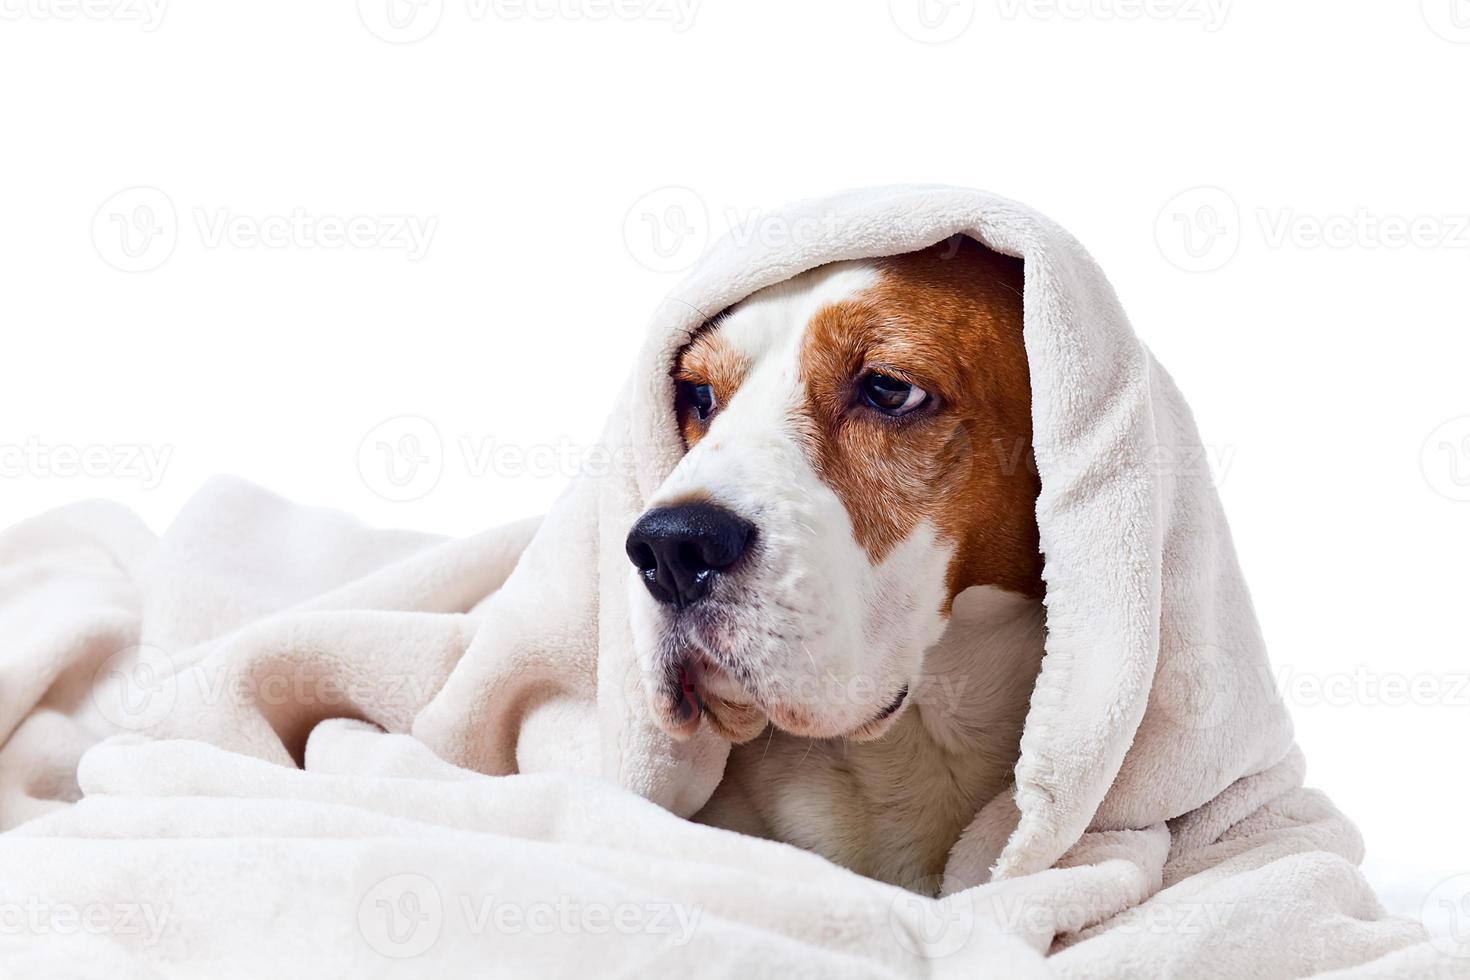 chien sous une couverture sur blanc photo